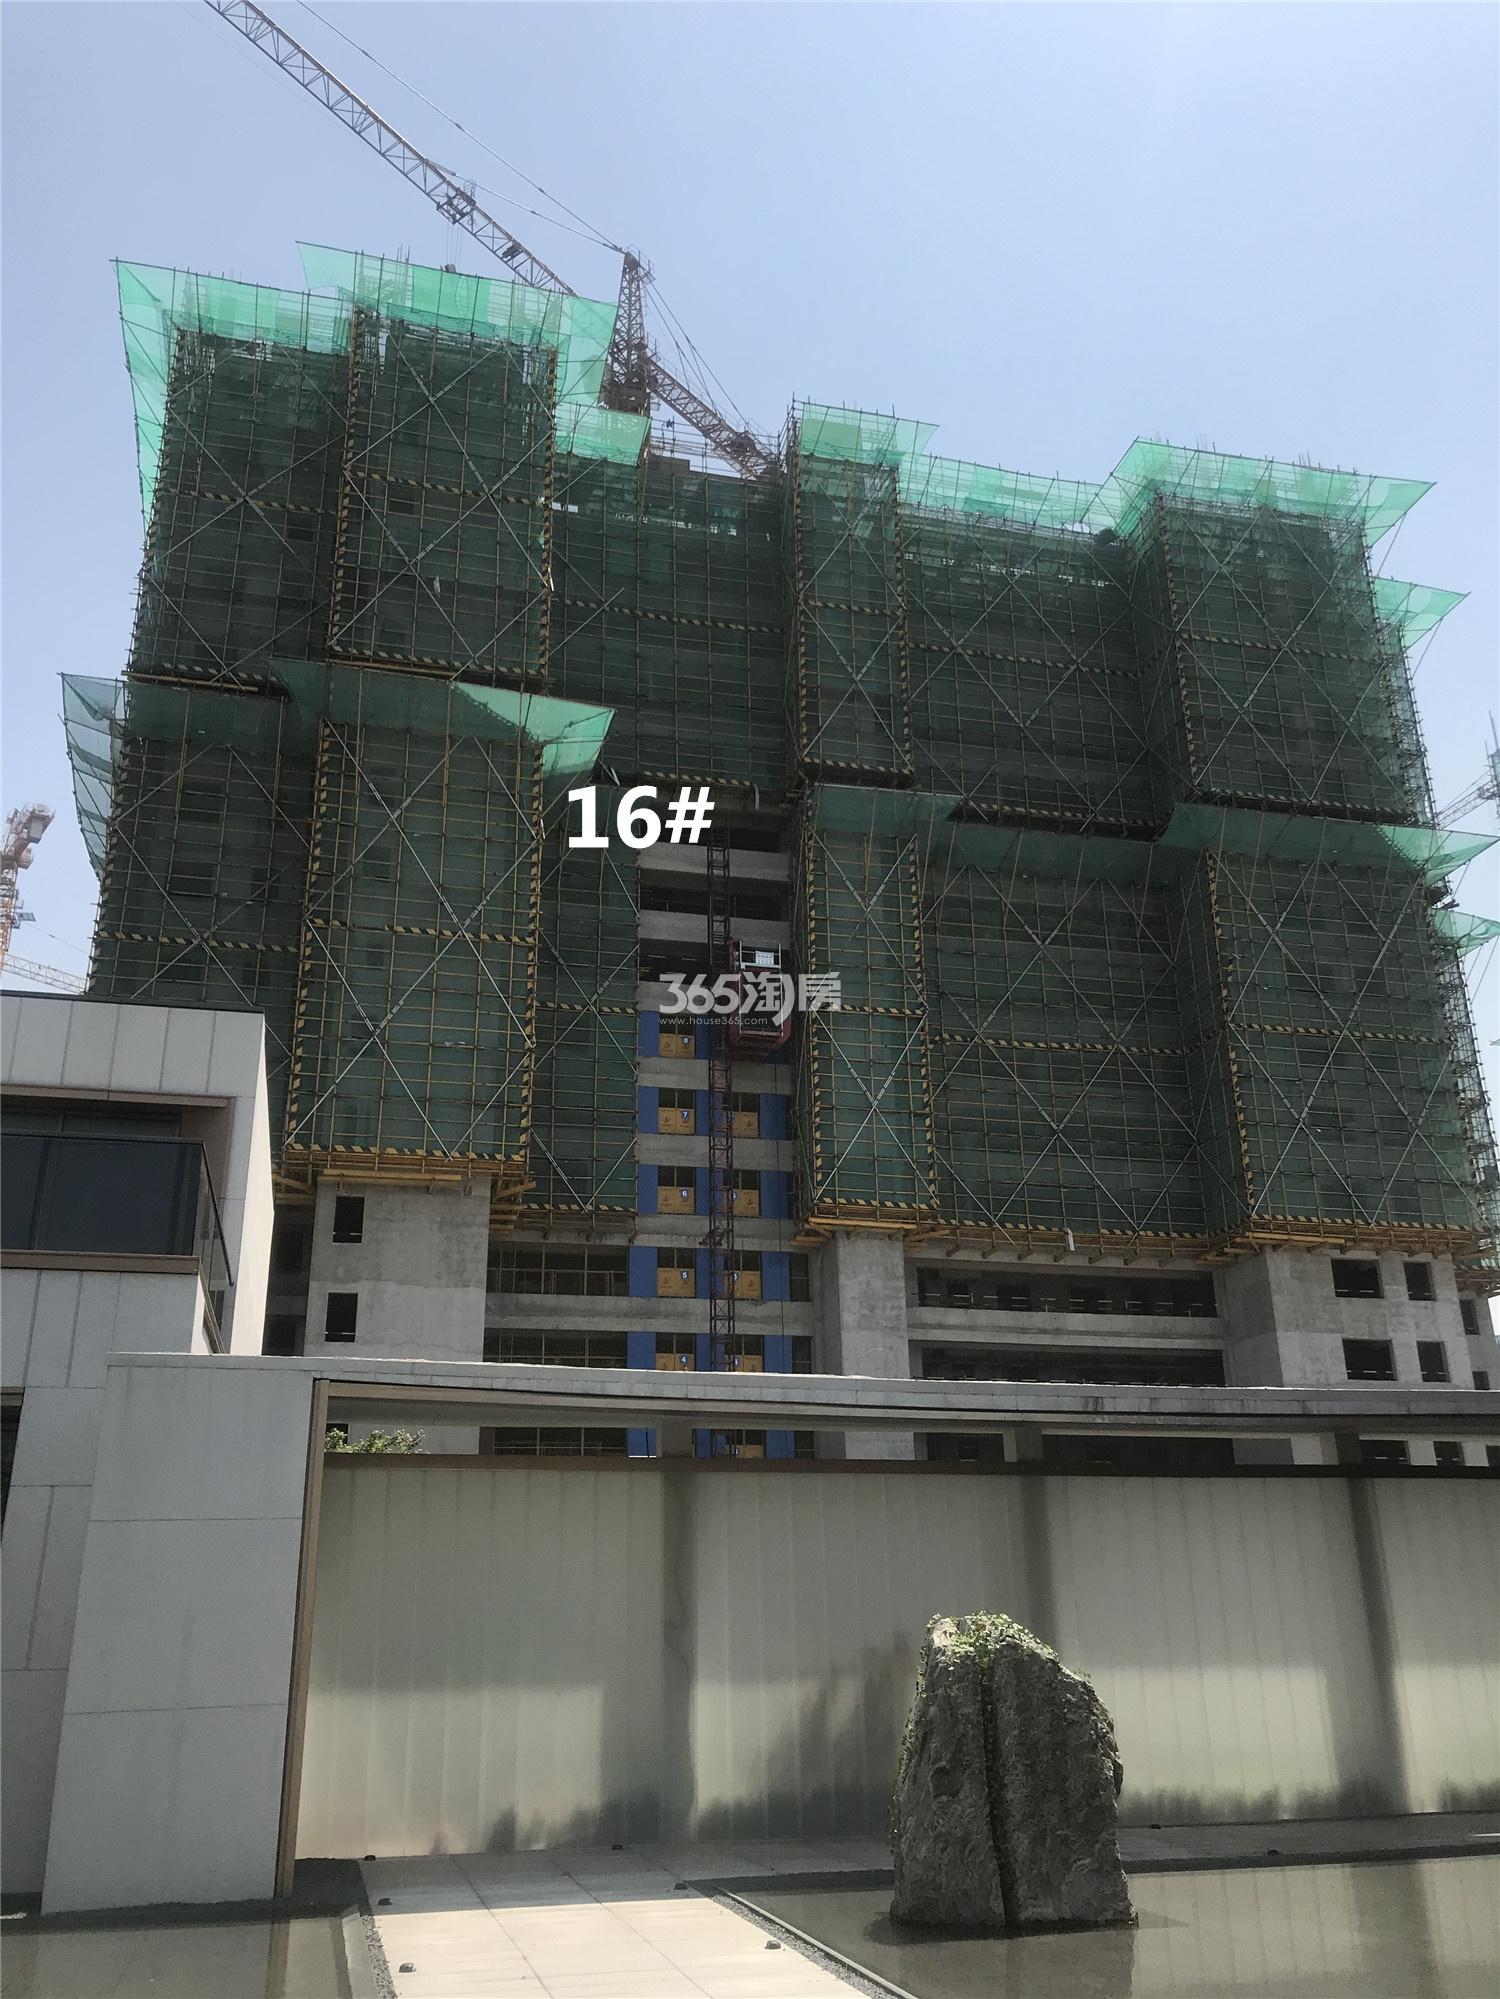 云逸都荟花园西园(都会四季西区)16#工程进展(4.24)